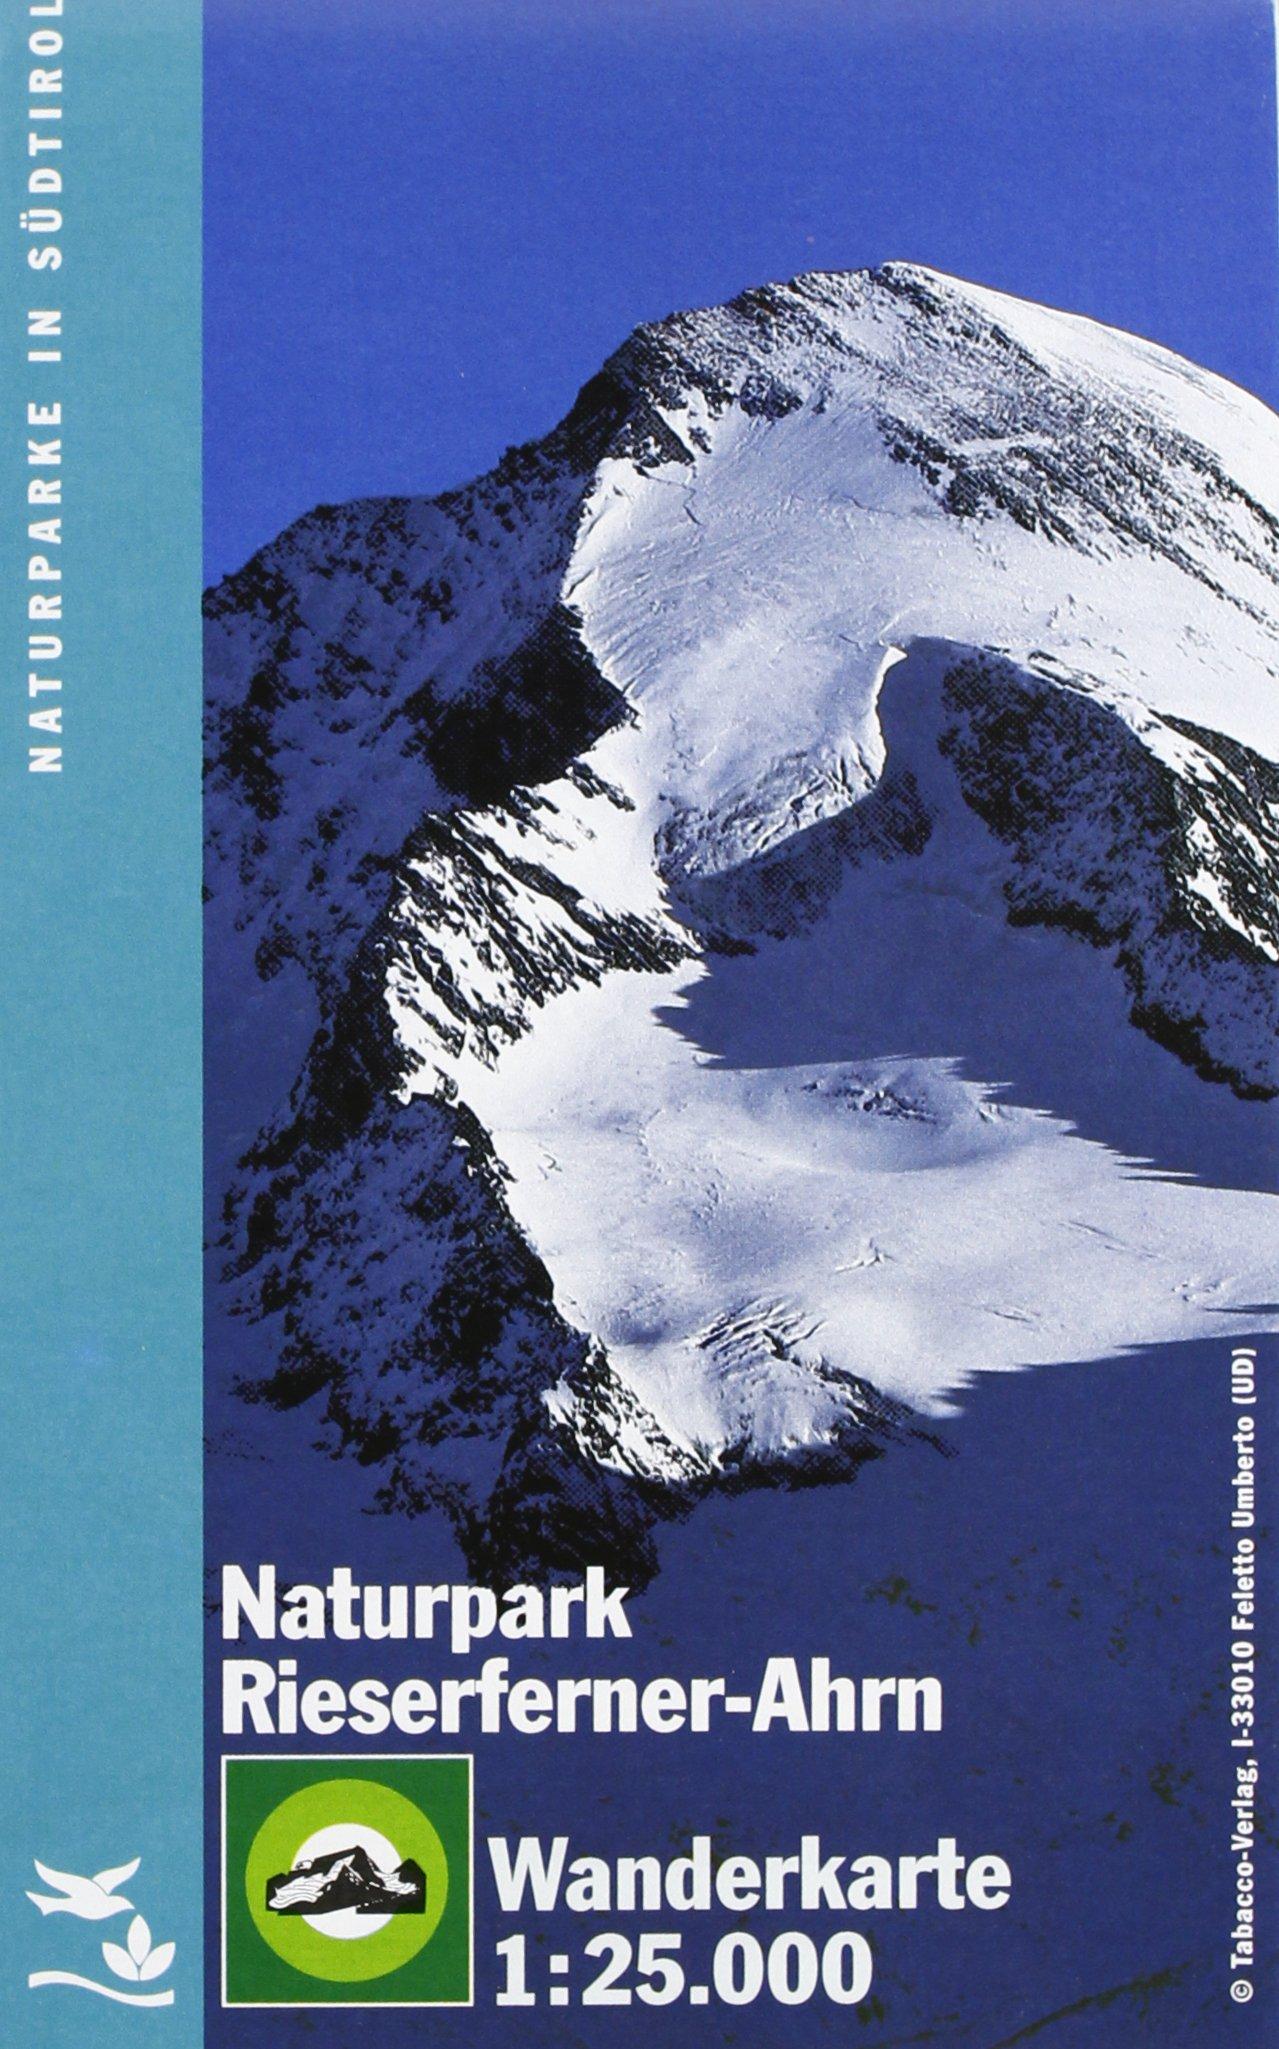 Naturparkkarte Rieserferner, Ahrntal: Wanderkarte Tabacco. 1:25000